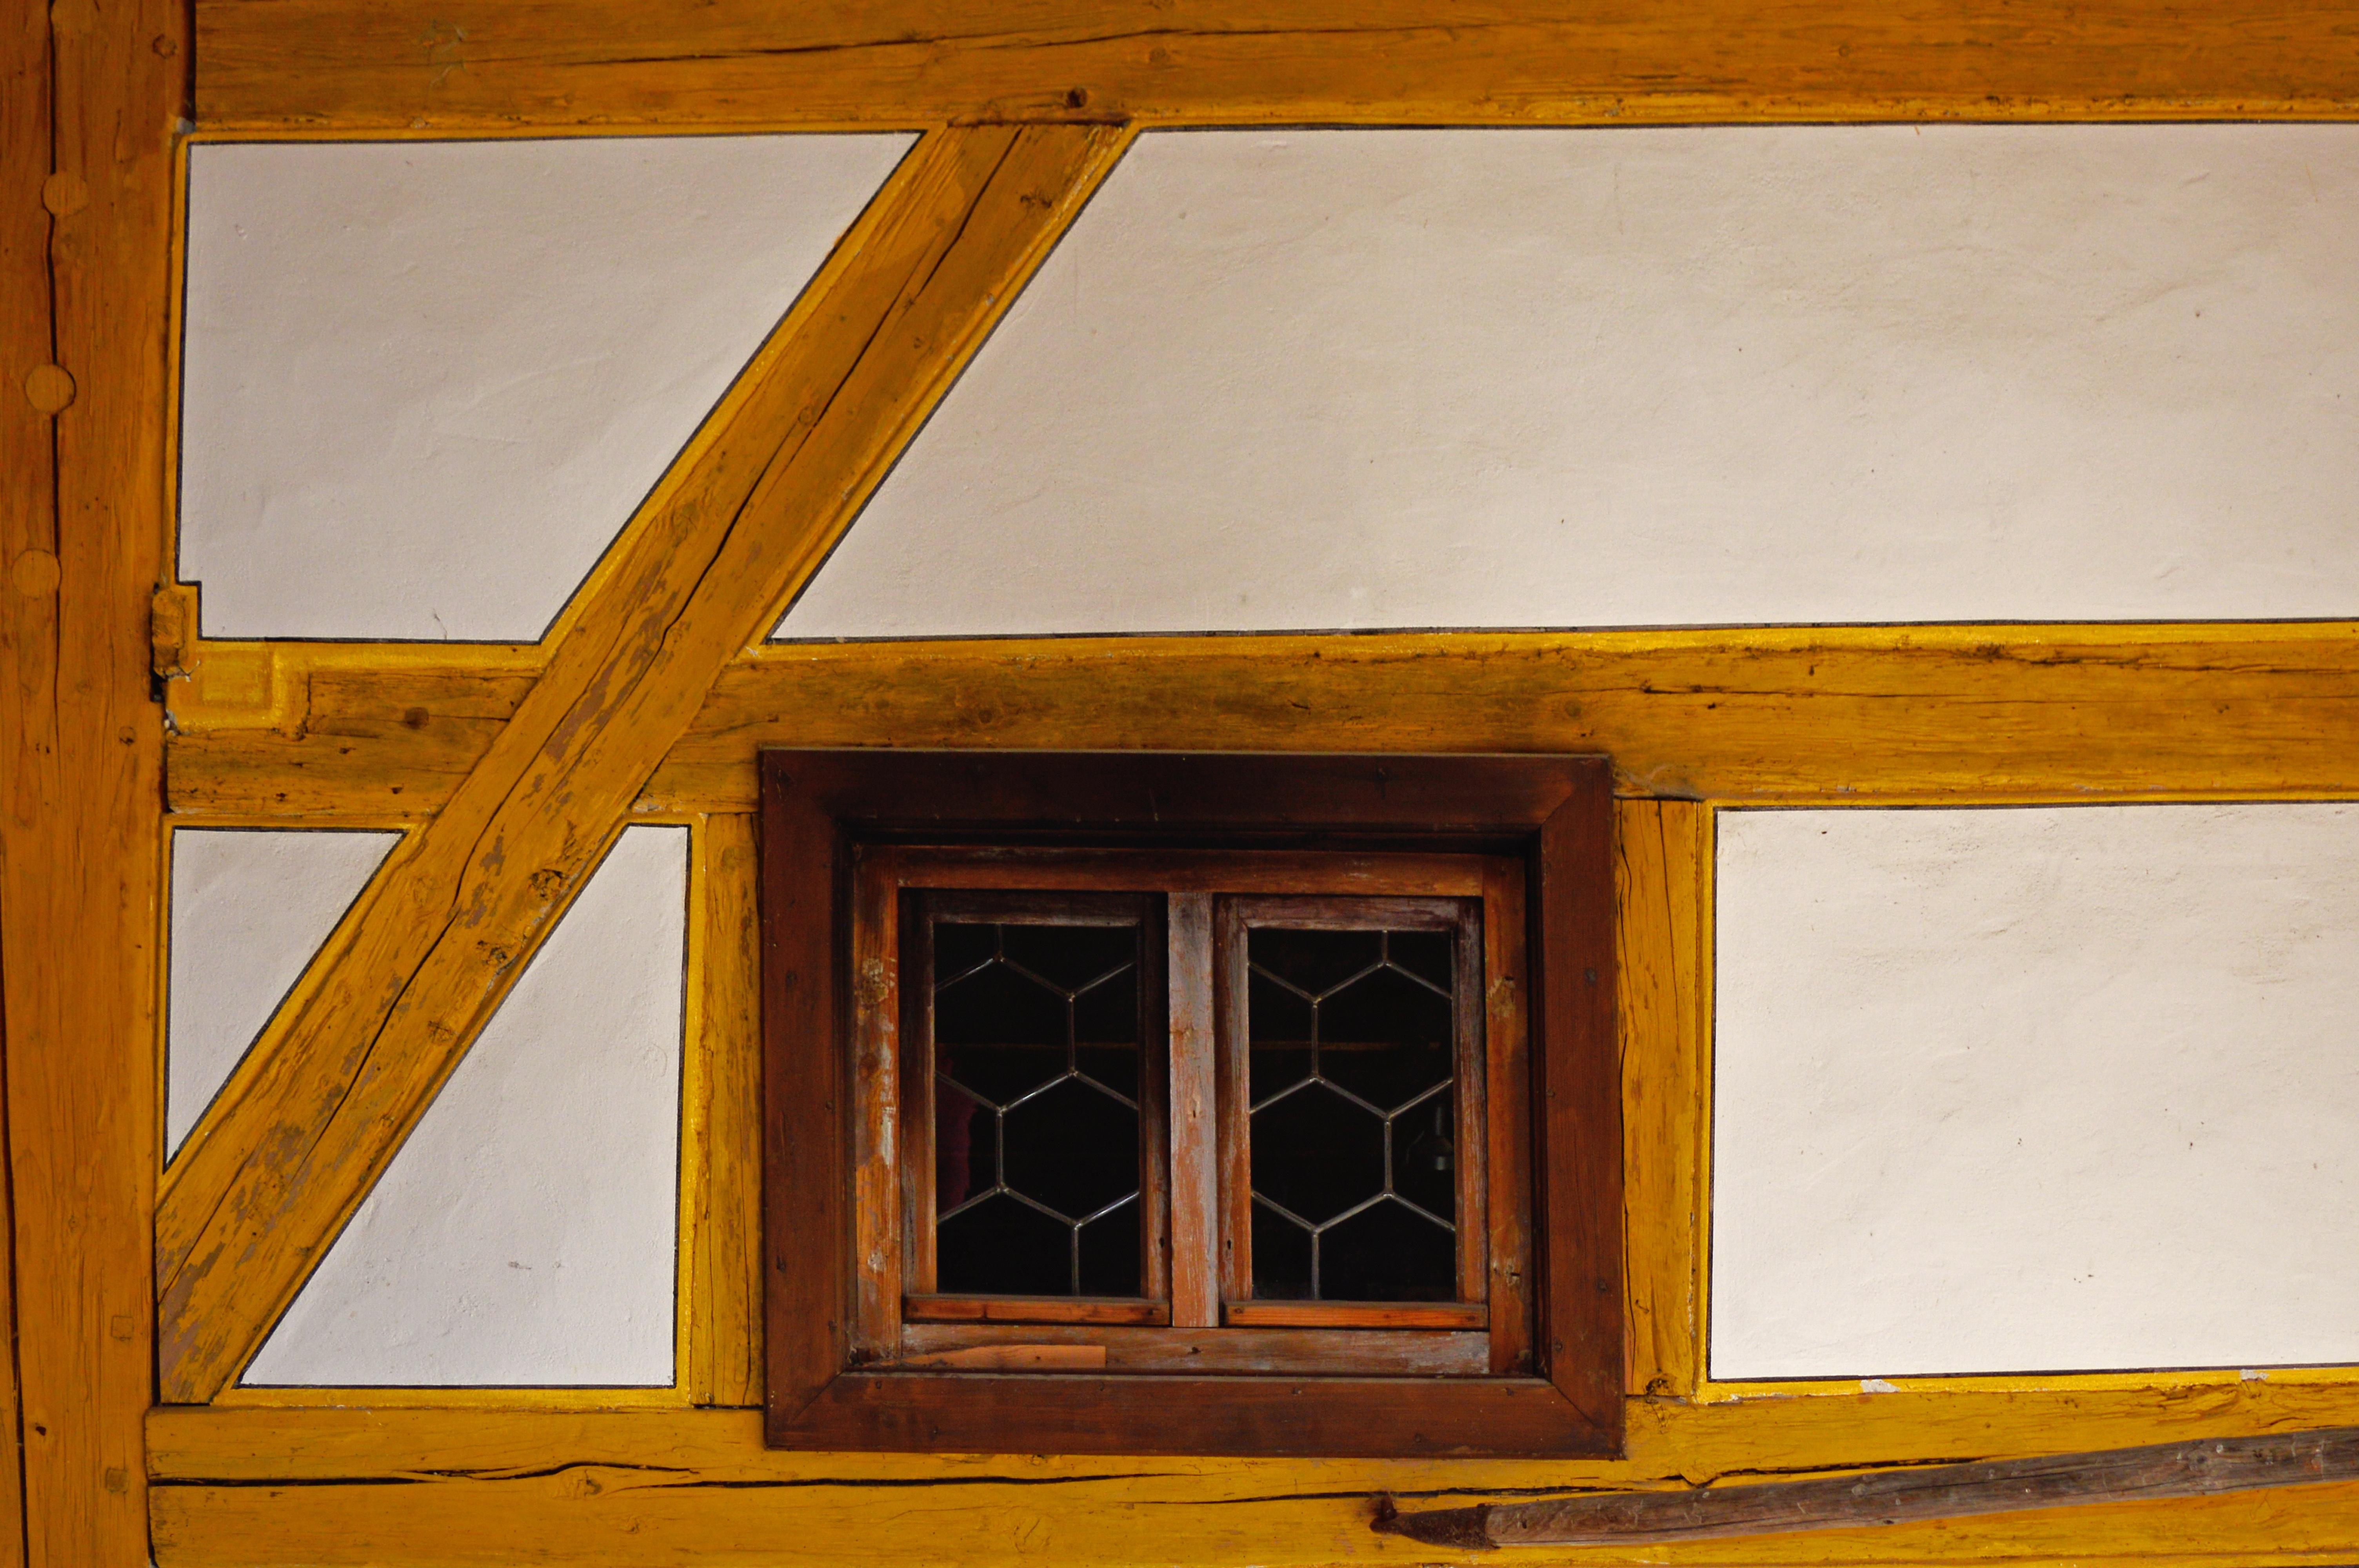 Kostenlose foto : Holz, Haus, Stock, Fenster, Zuhause, Mauer, Strahl ...